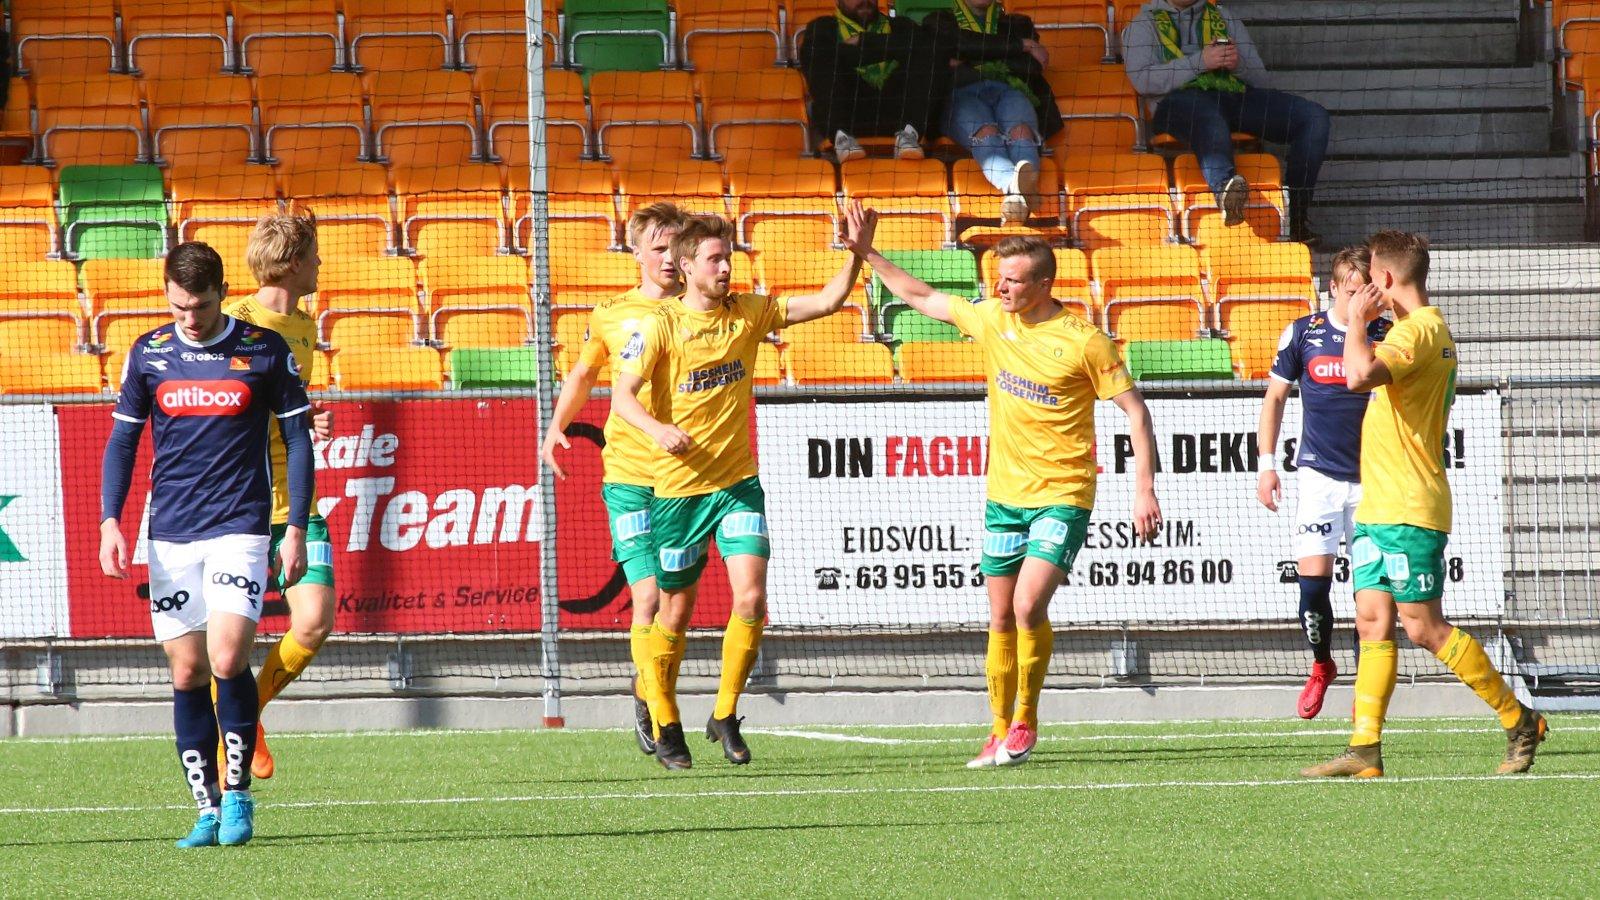 Nicolay Solberg og Ole Andreas Nesset jubler etter ett av reduseringsmålene mot Viking.